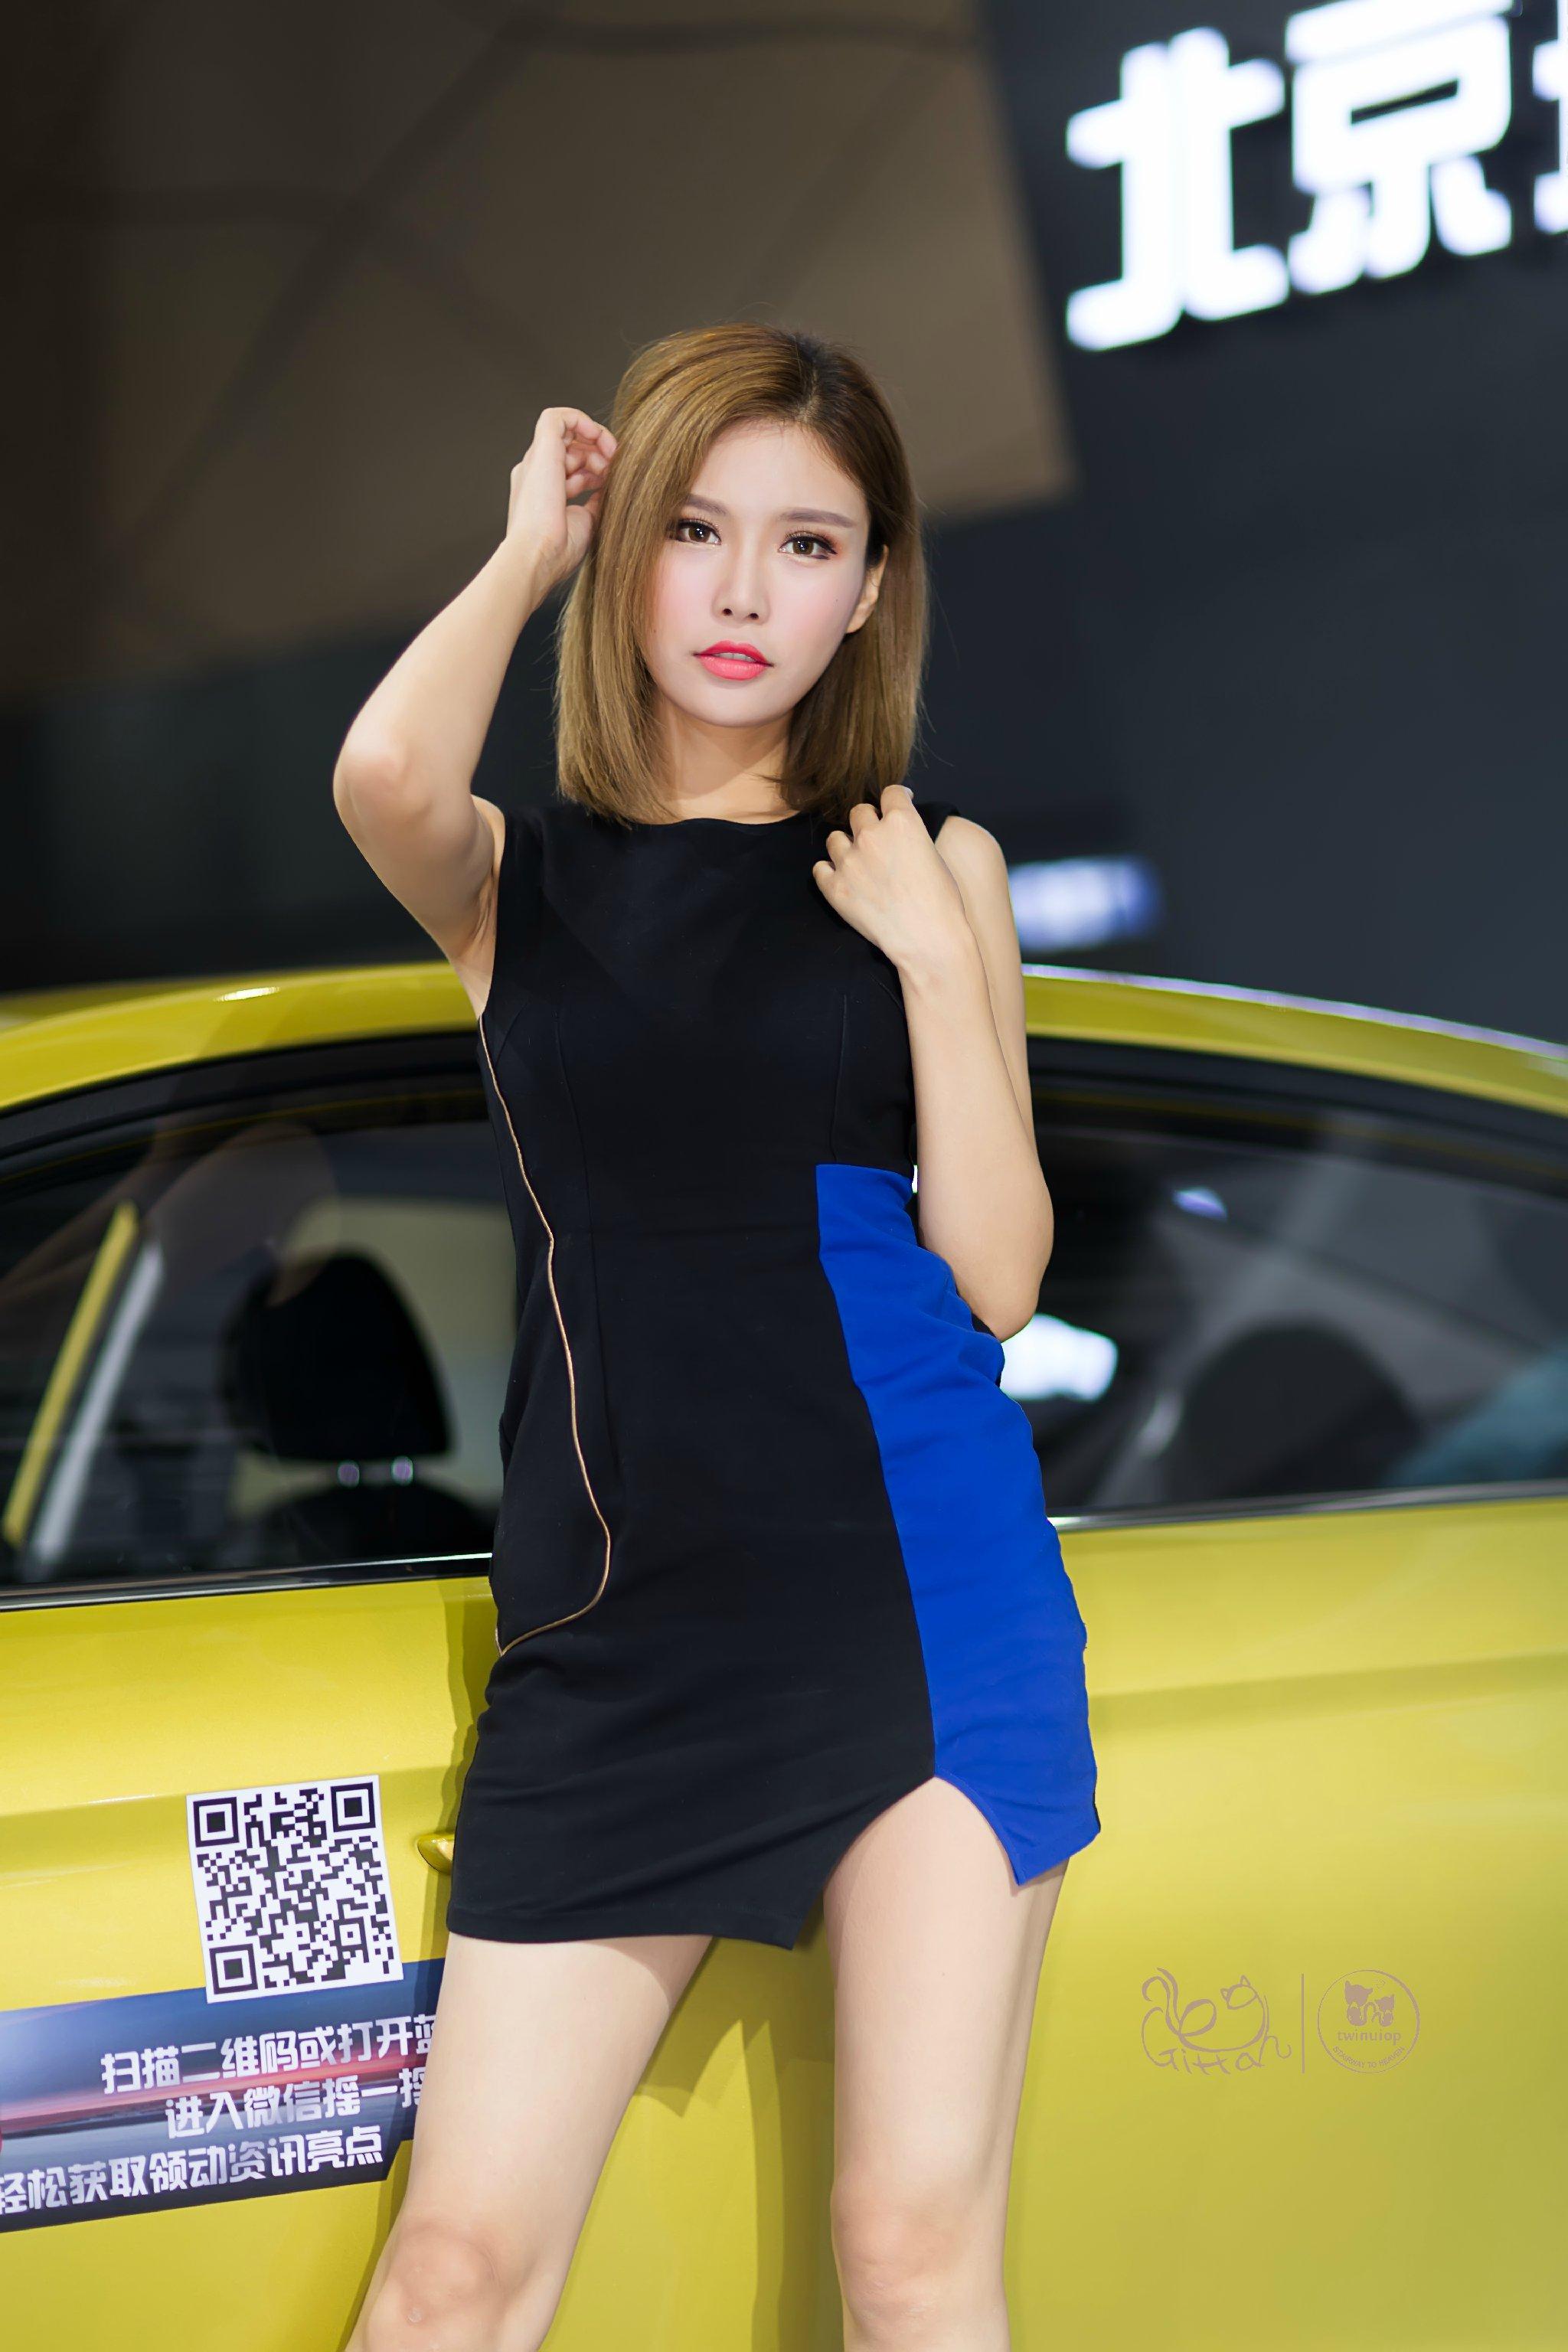 2016哈尔滨春季车展北京现代展台美女车模罗兰黑色连身裙美腿诱惑